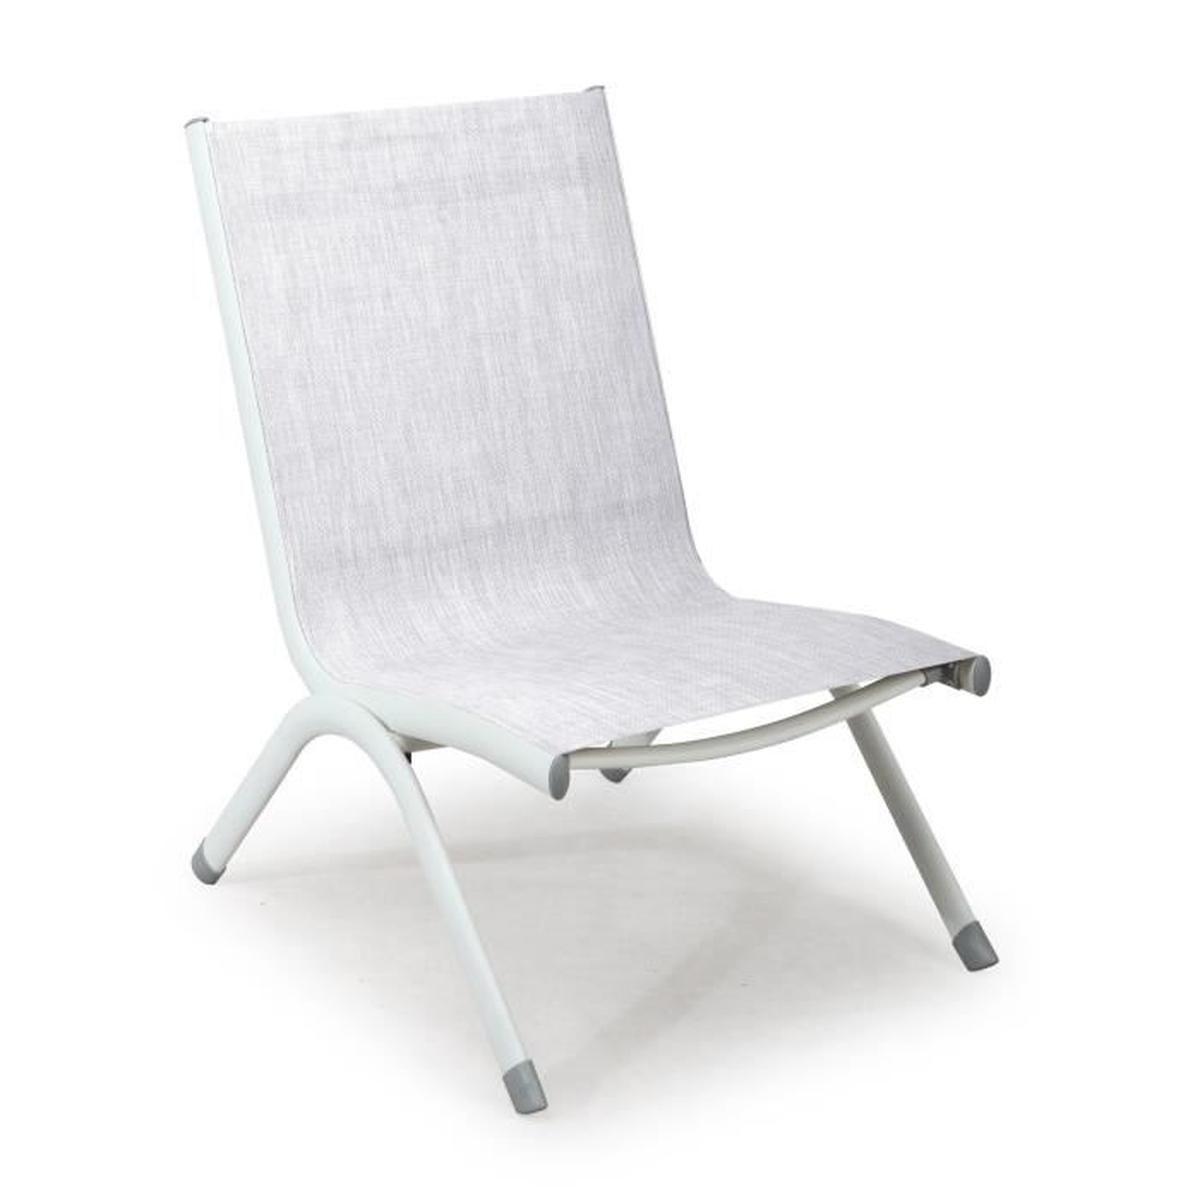 Toscane Chaise Basse De Jardin Taupe En Textilène - Achat ... dedans Chaise Basse De Jardin